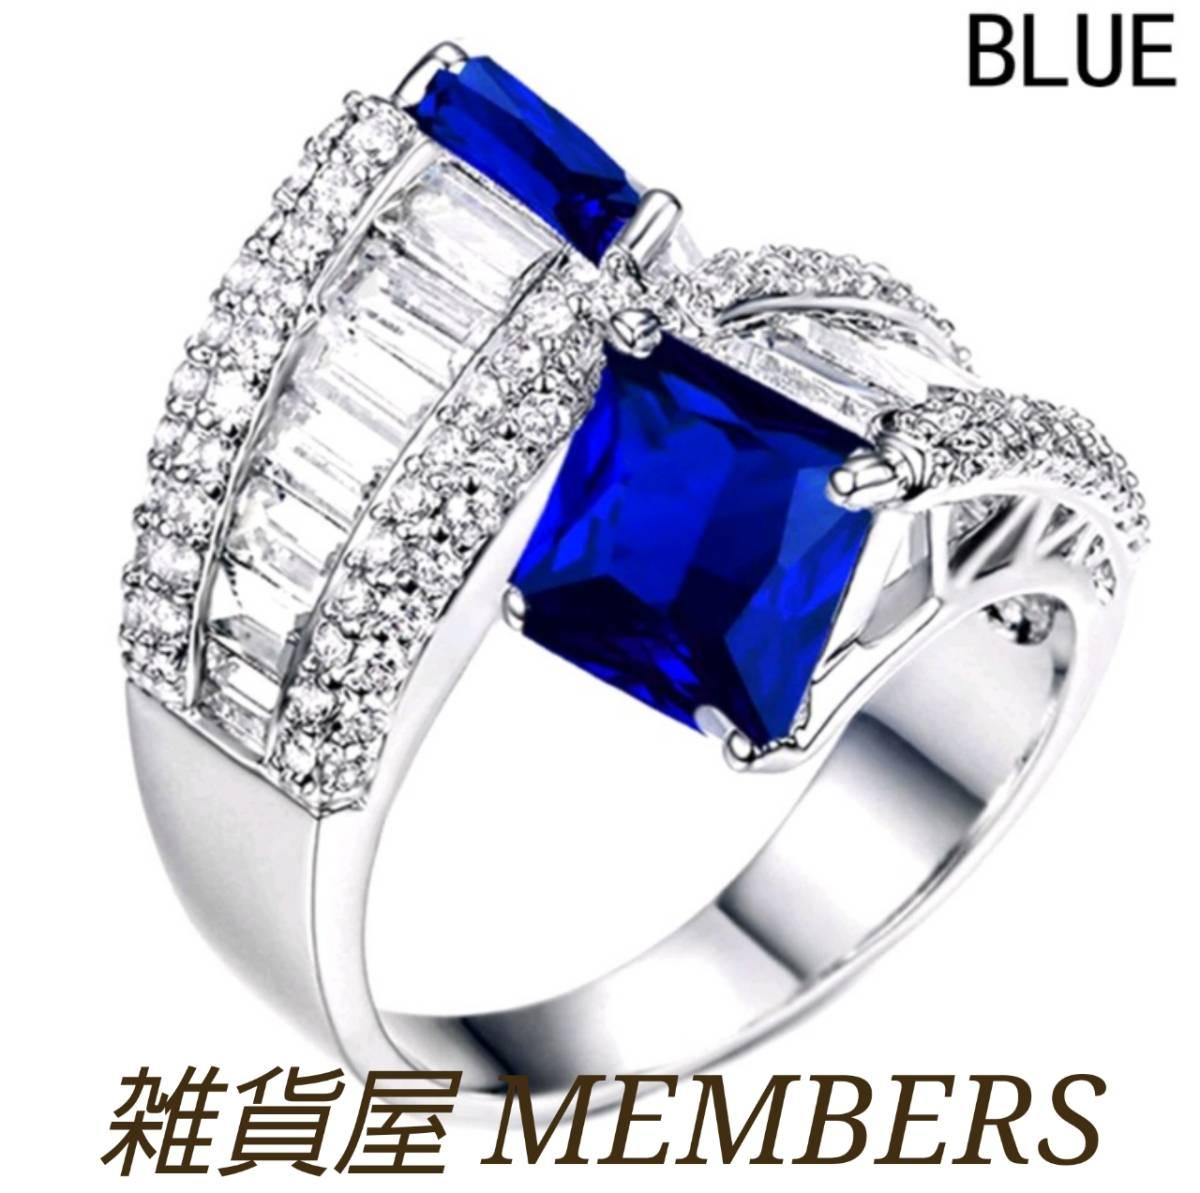 送料無料12号クロムシルバーブルーサファイアクリアスーパーCZダイヤモンドデザイナーズジュエリーインフィニティリング指輪値下残りわずか_画像2